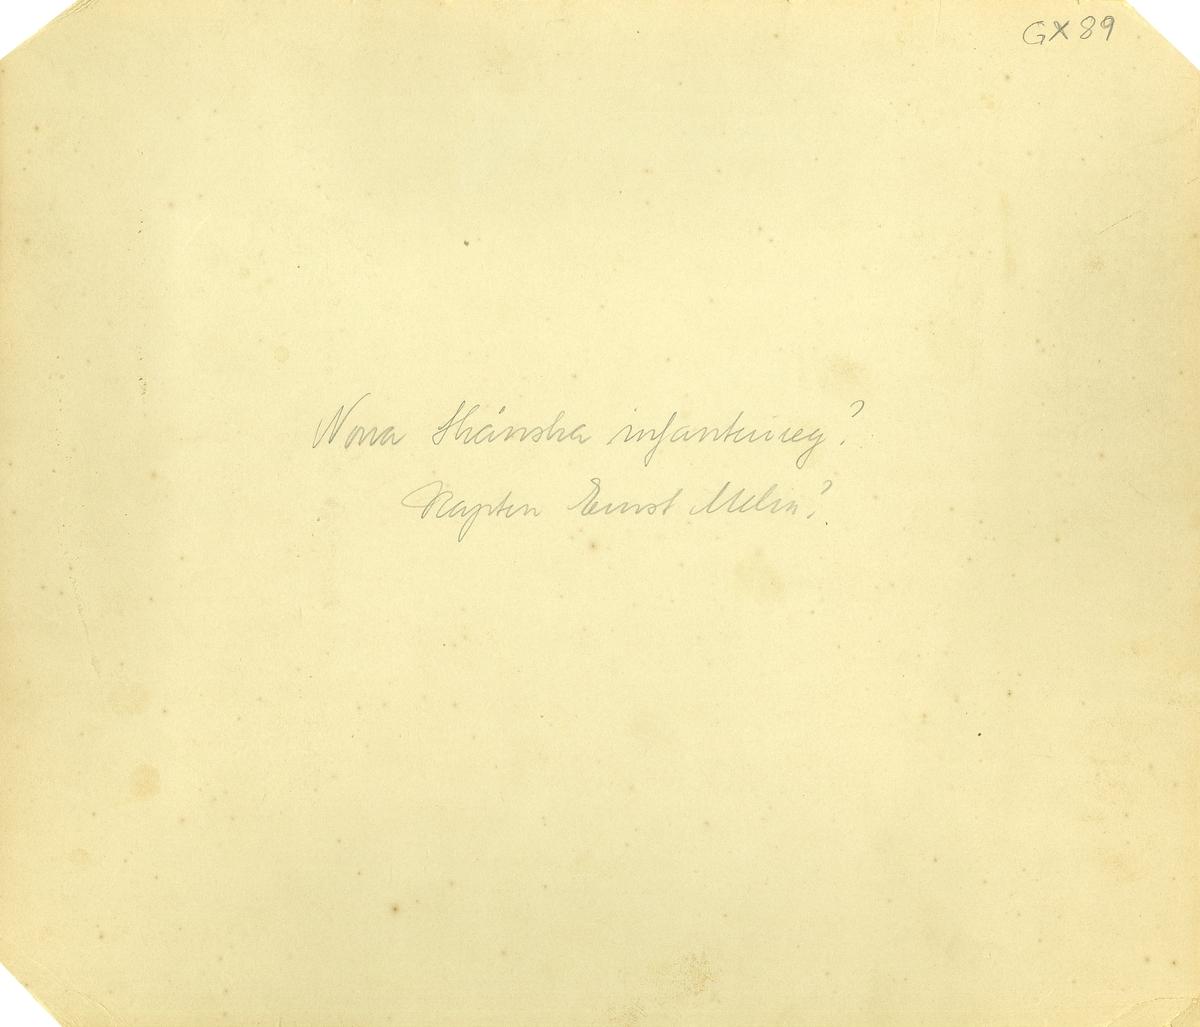 Grupporträtt av officerare vid Norra skånska infanteriregementet I 24.